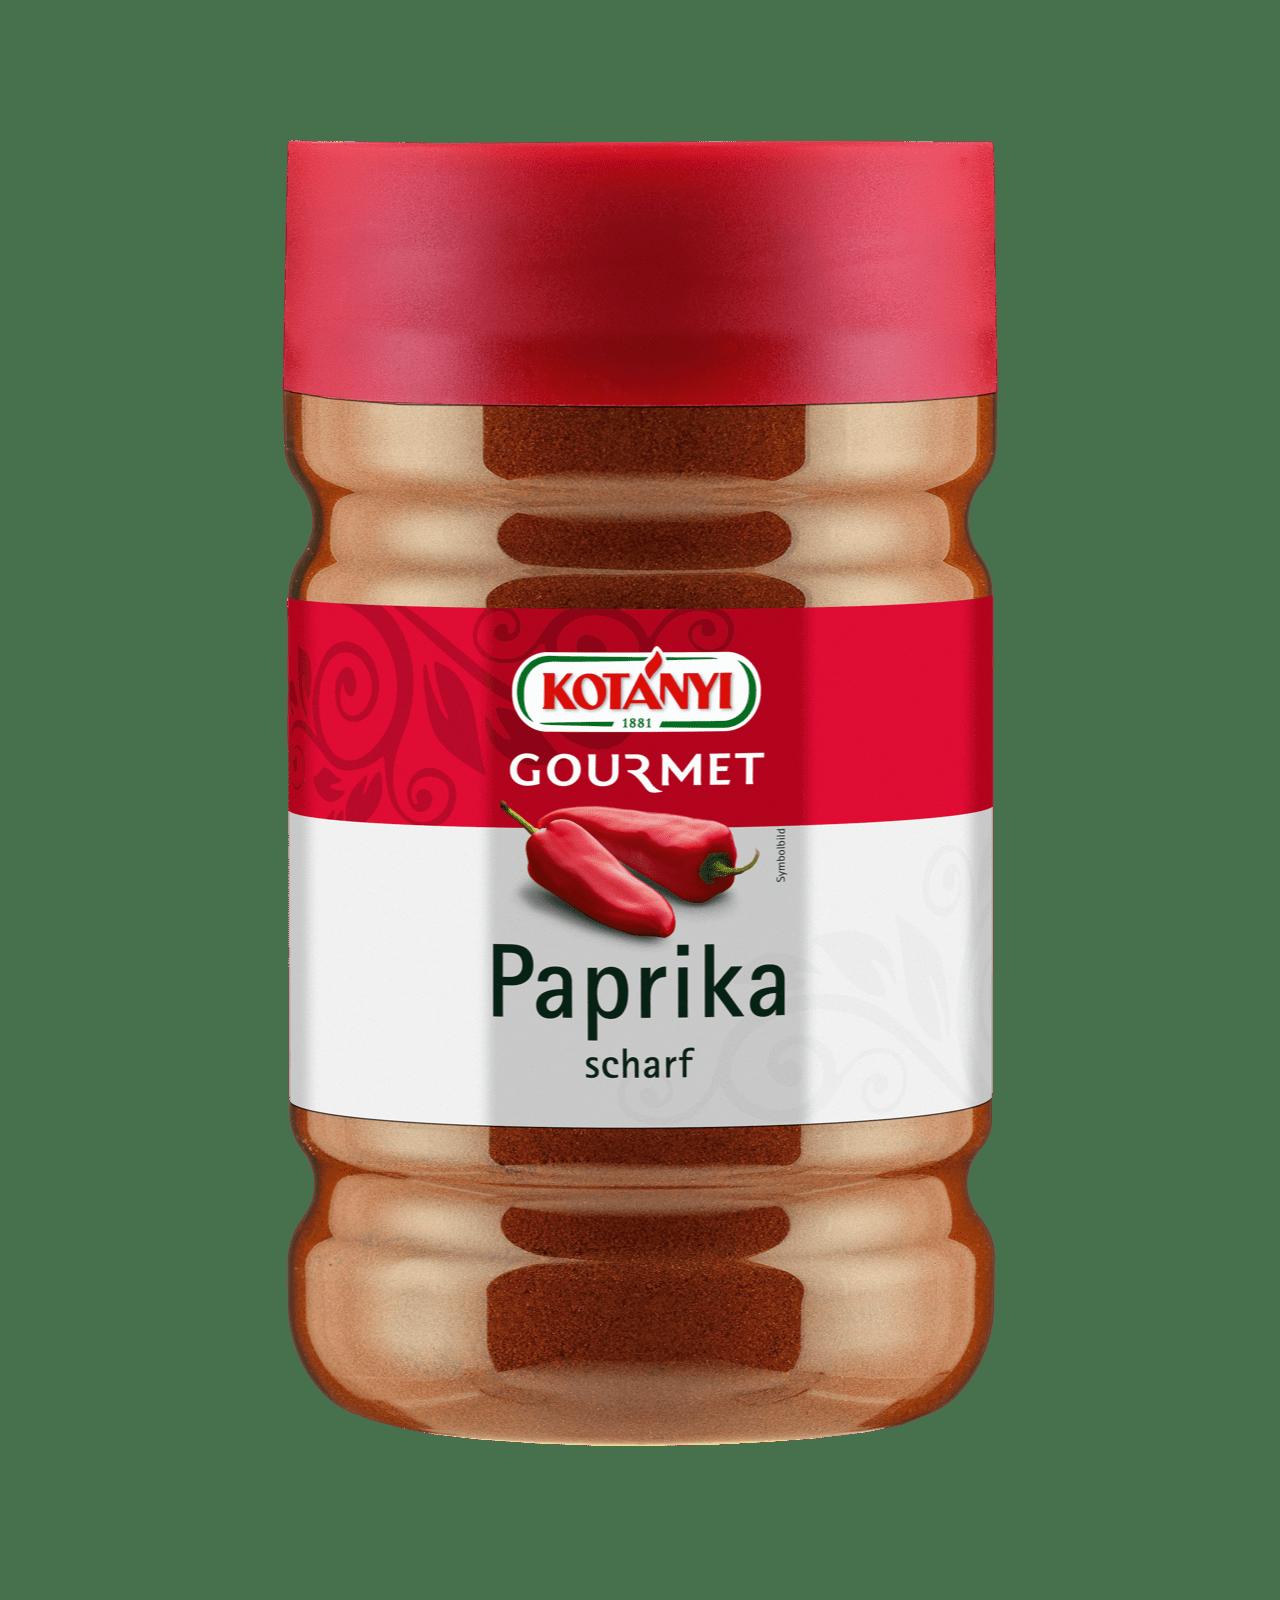 kotanyi_Paprika ostraya tin